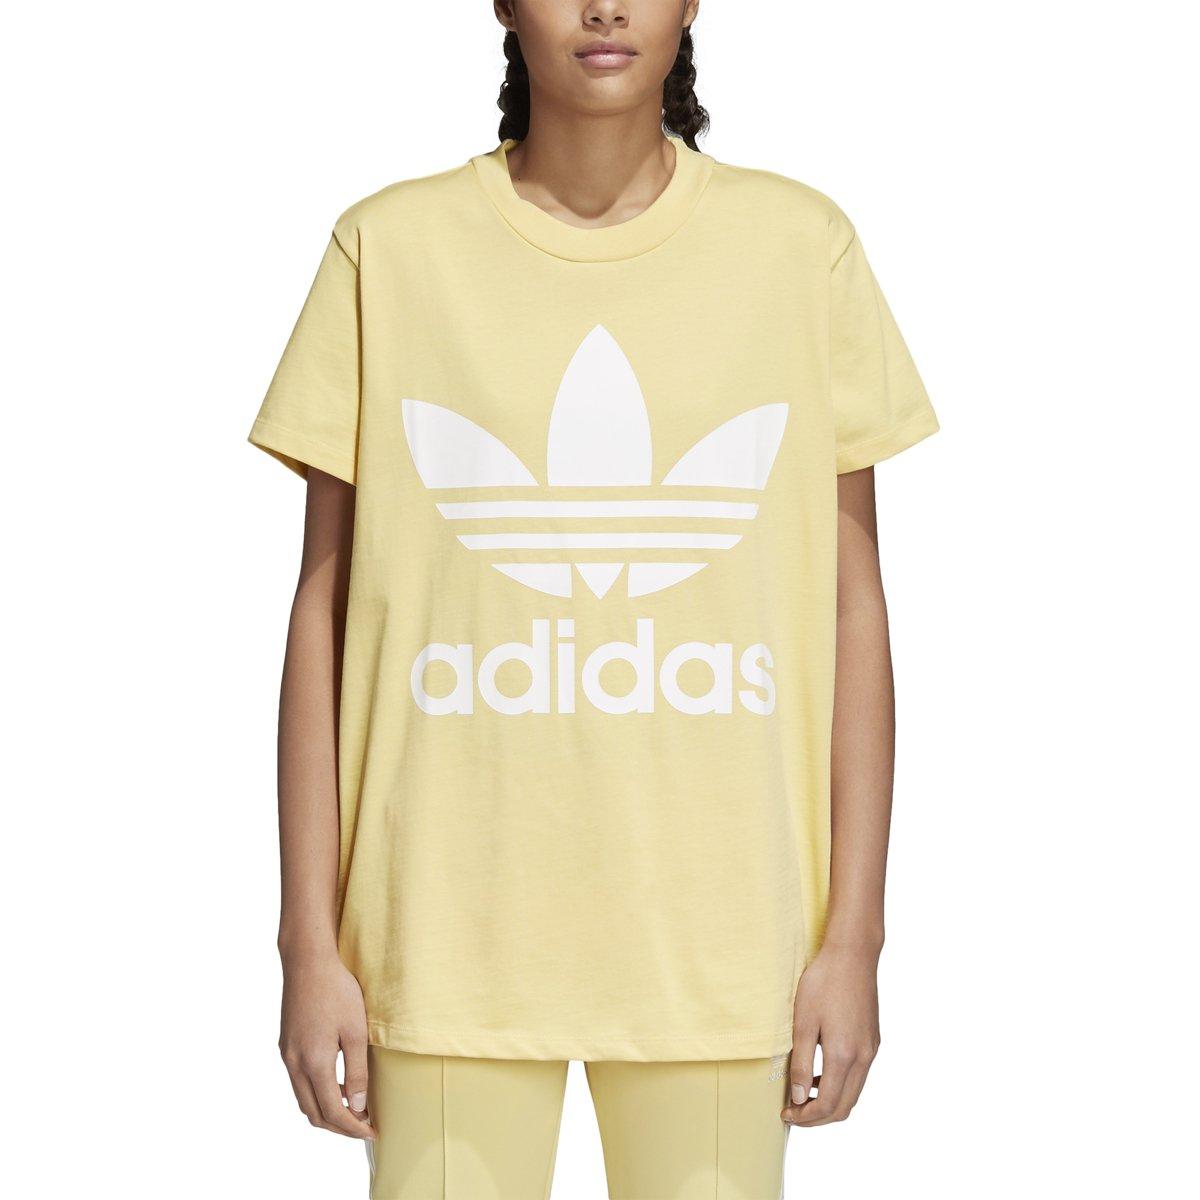 it Amazon Maglietta Adidas Abbigliamento 314368 Originals Donna wxUn1Xq